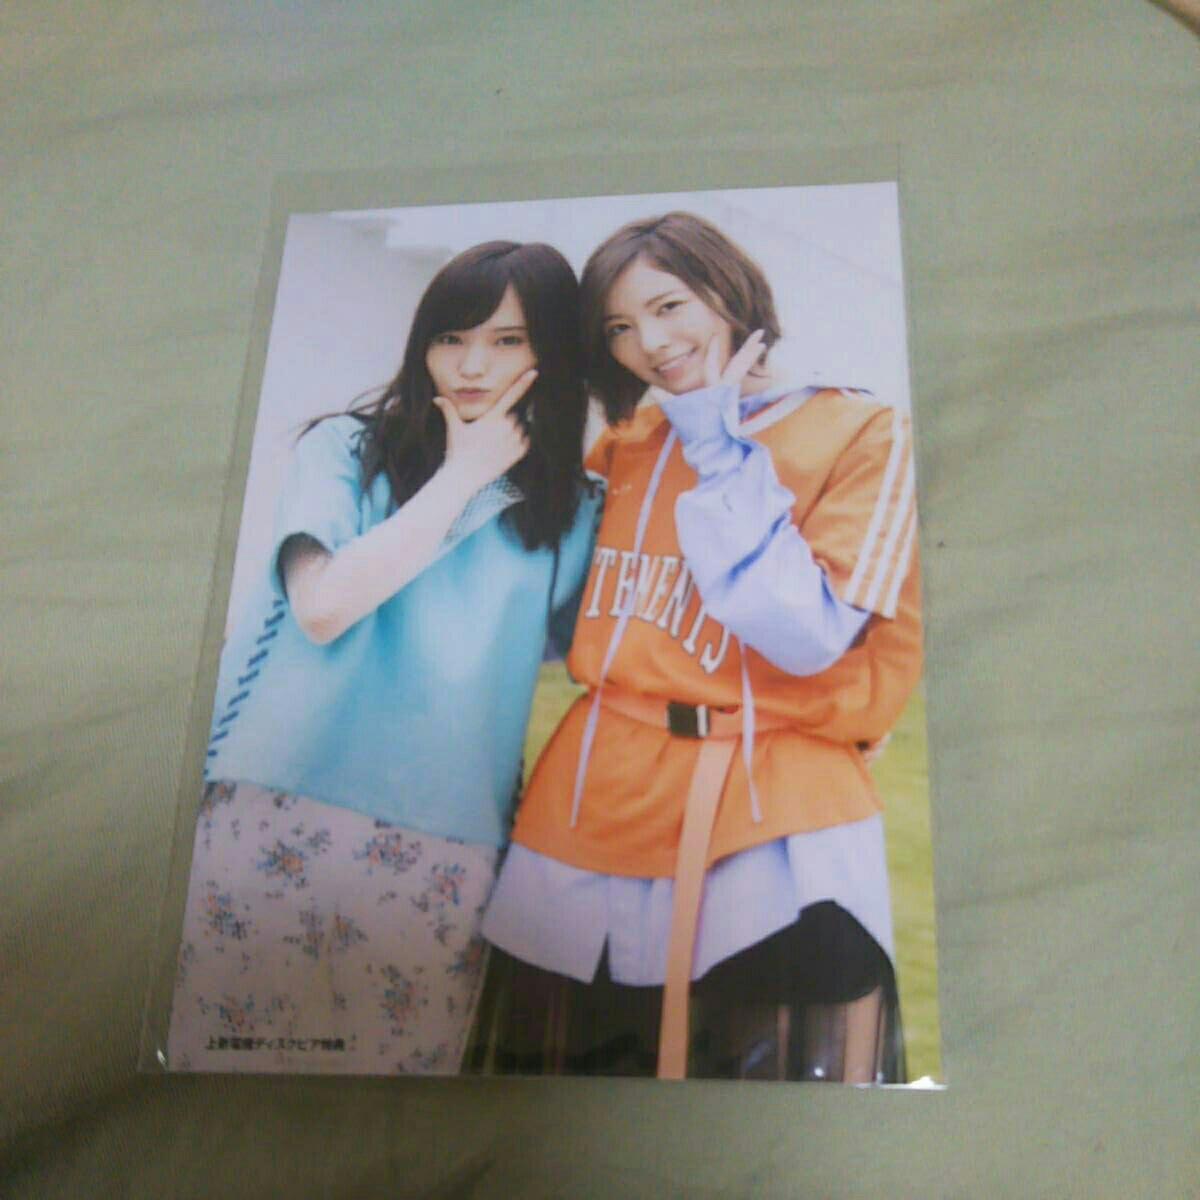 11月のアンクレット 通常 上新電機 ディスクスピア 特典 山本彩 松井珠理奈 生写真